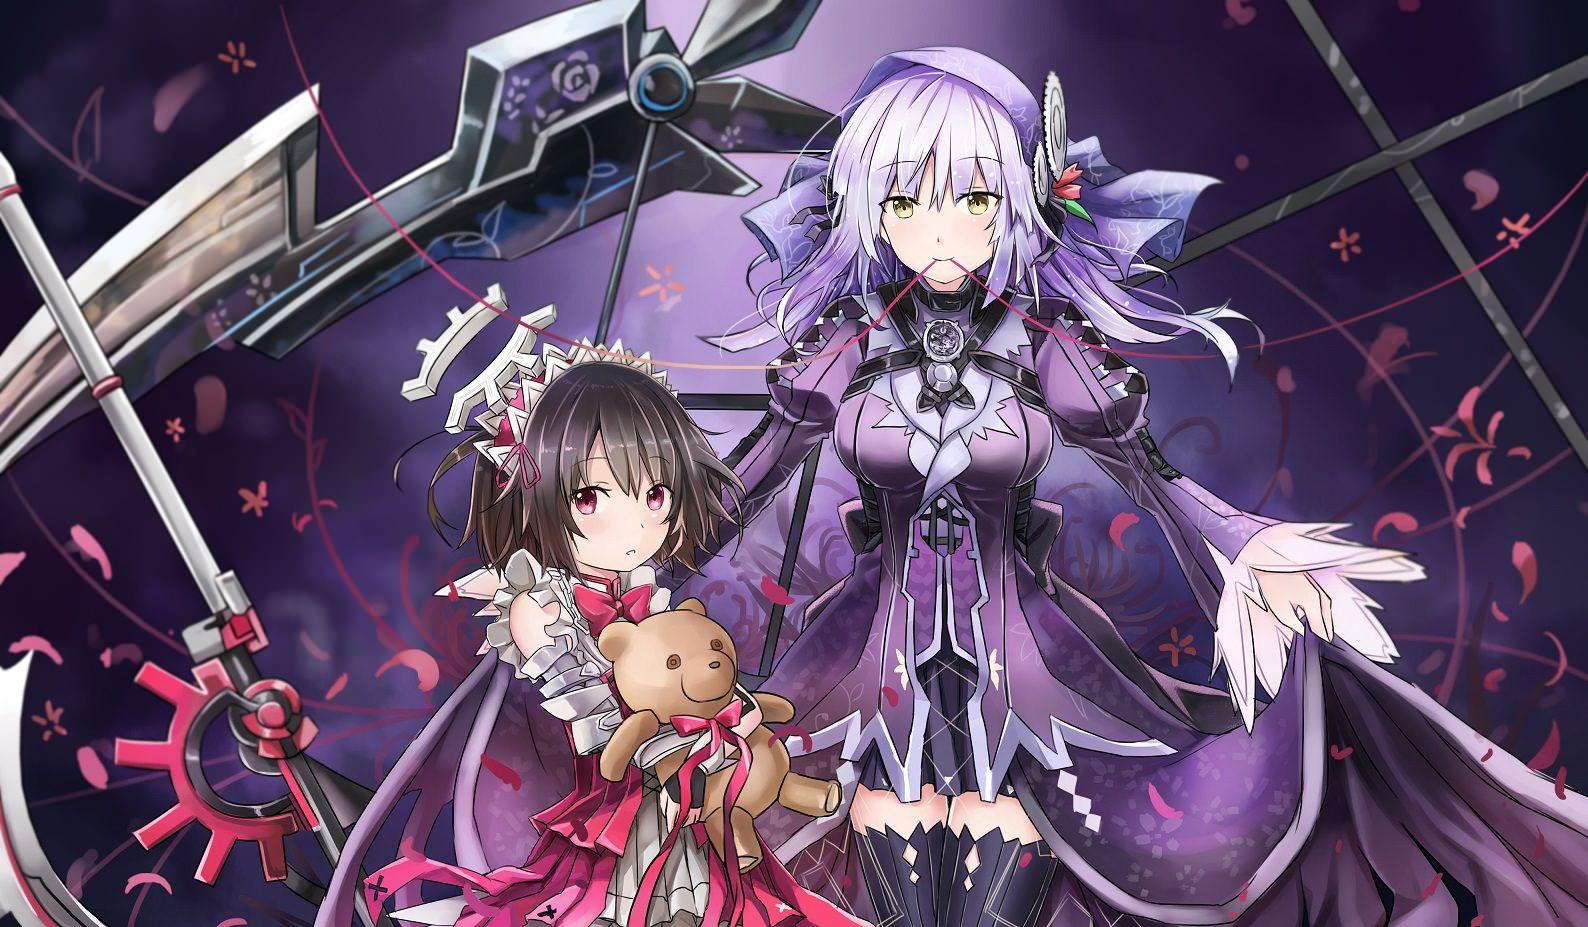 Lily Ketua Osis Manga Anime Anime Neko Gambar Anime